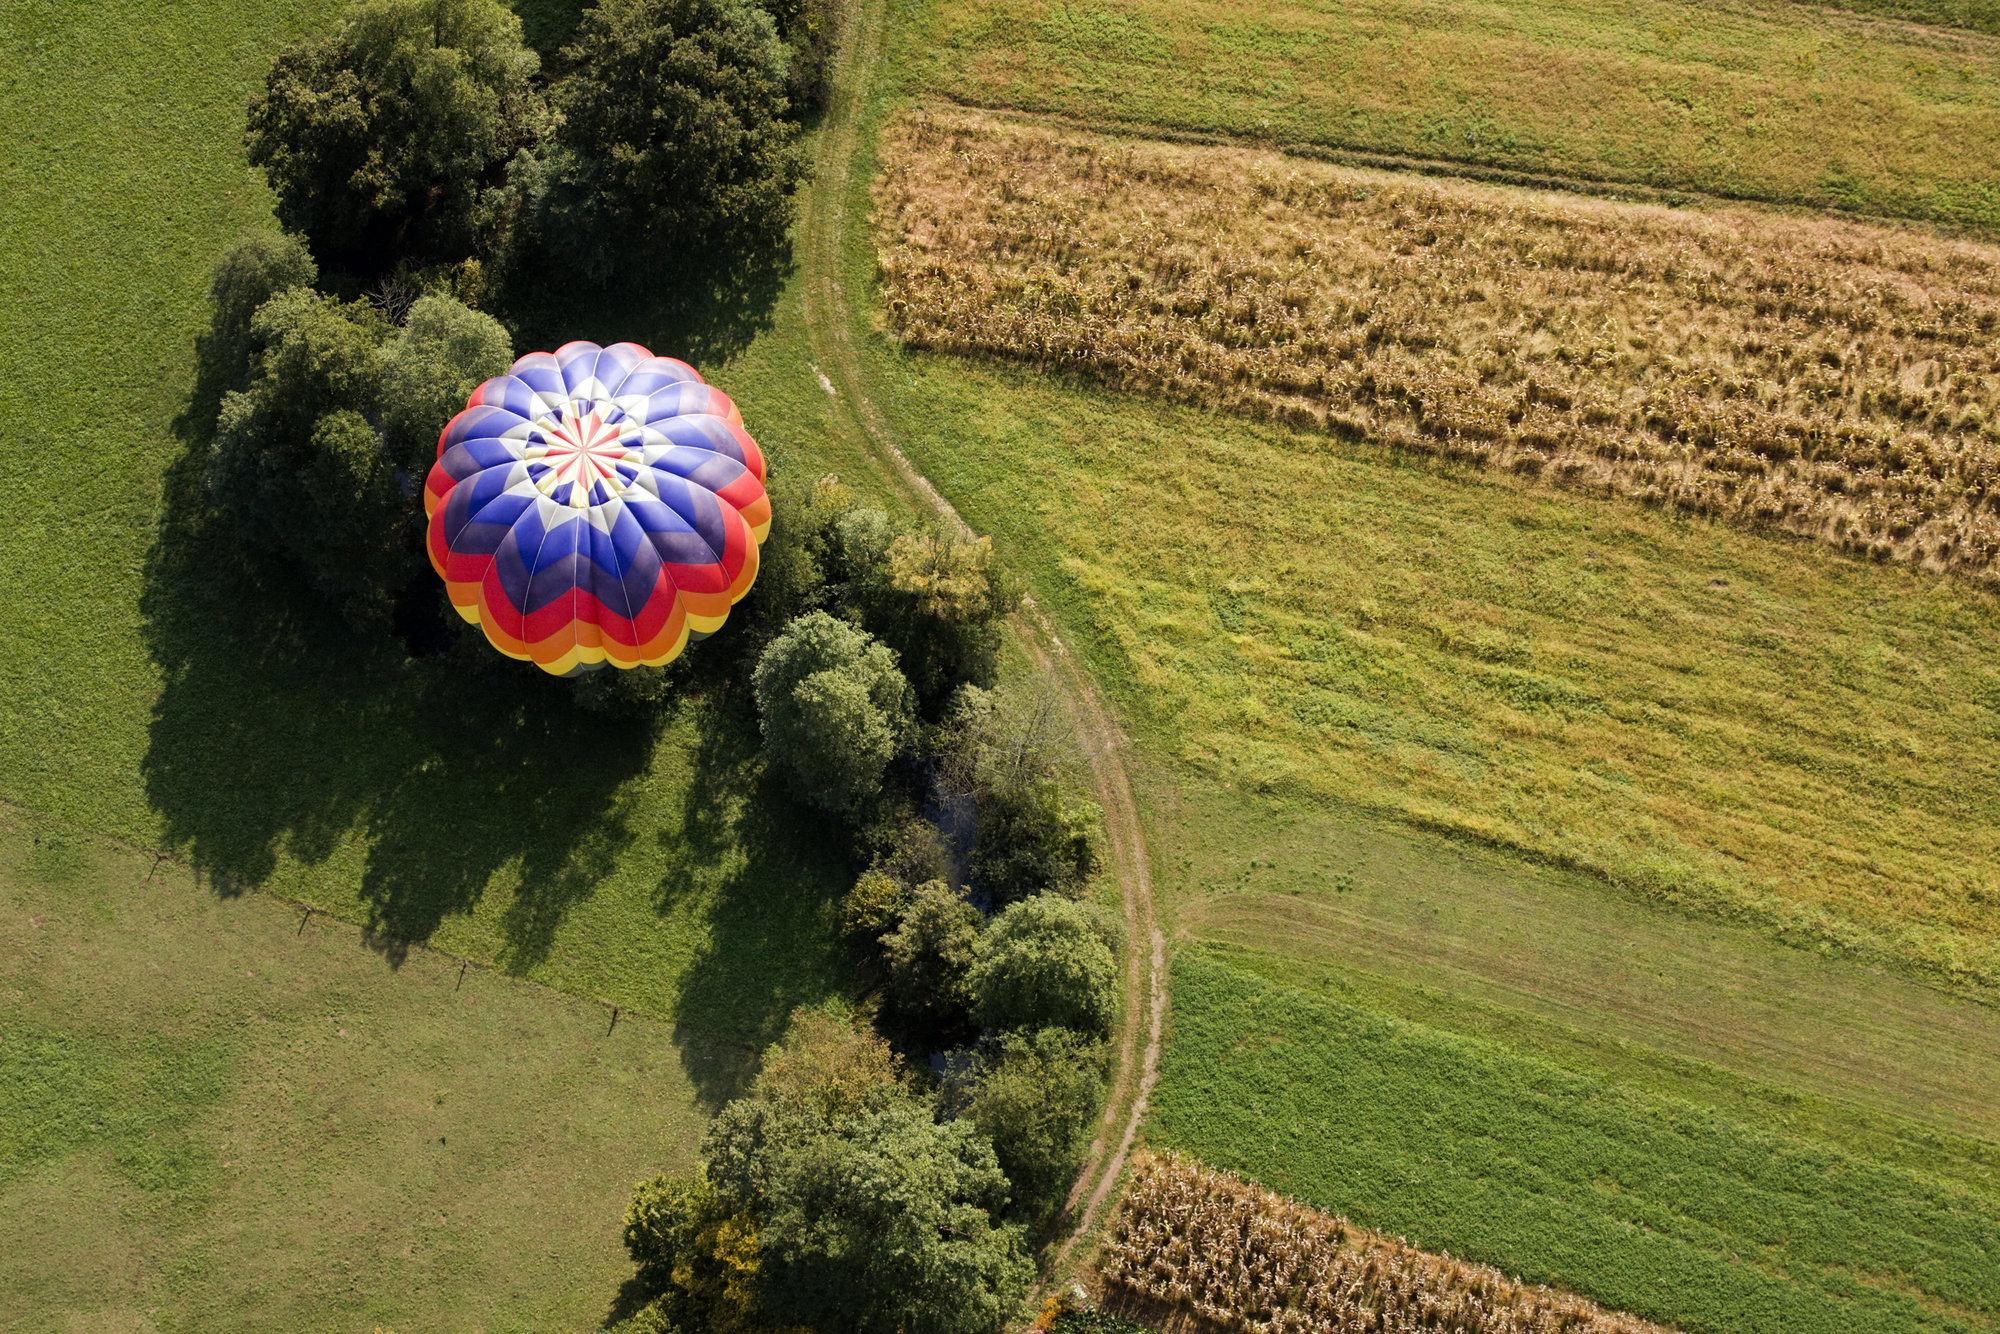 Ballonfahrt in der Fränkischen Schweiz